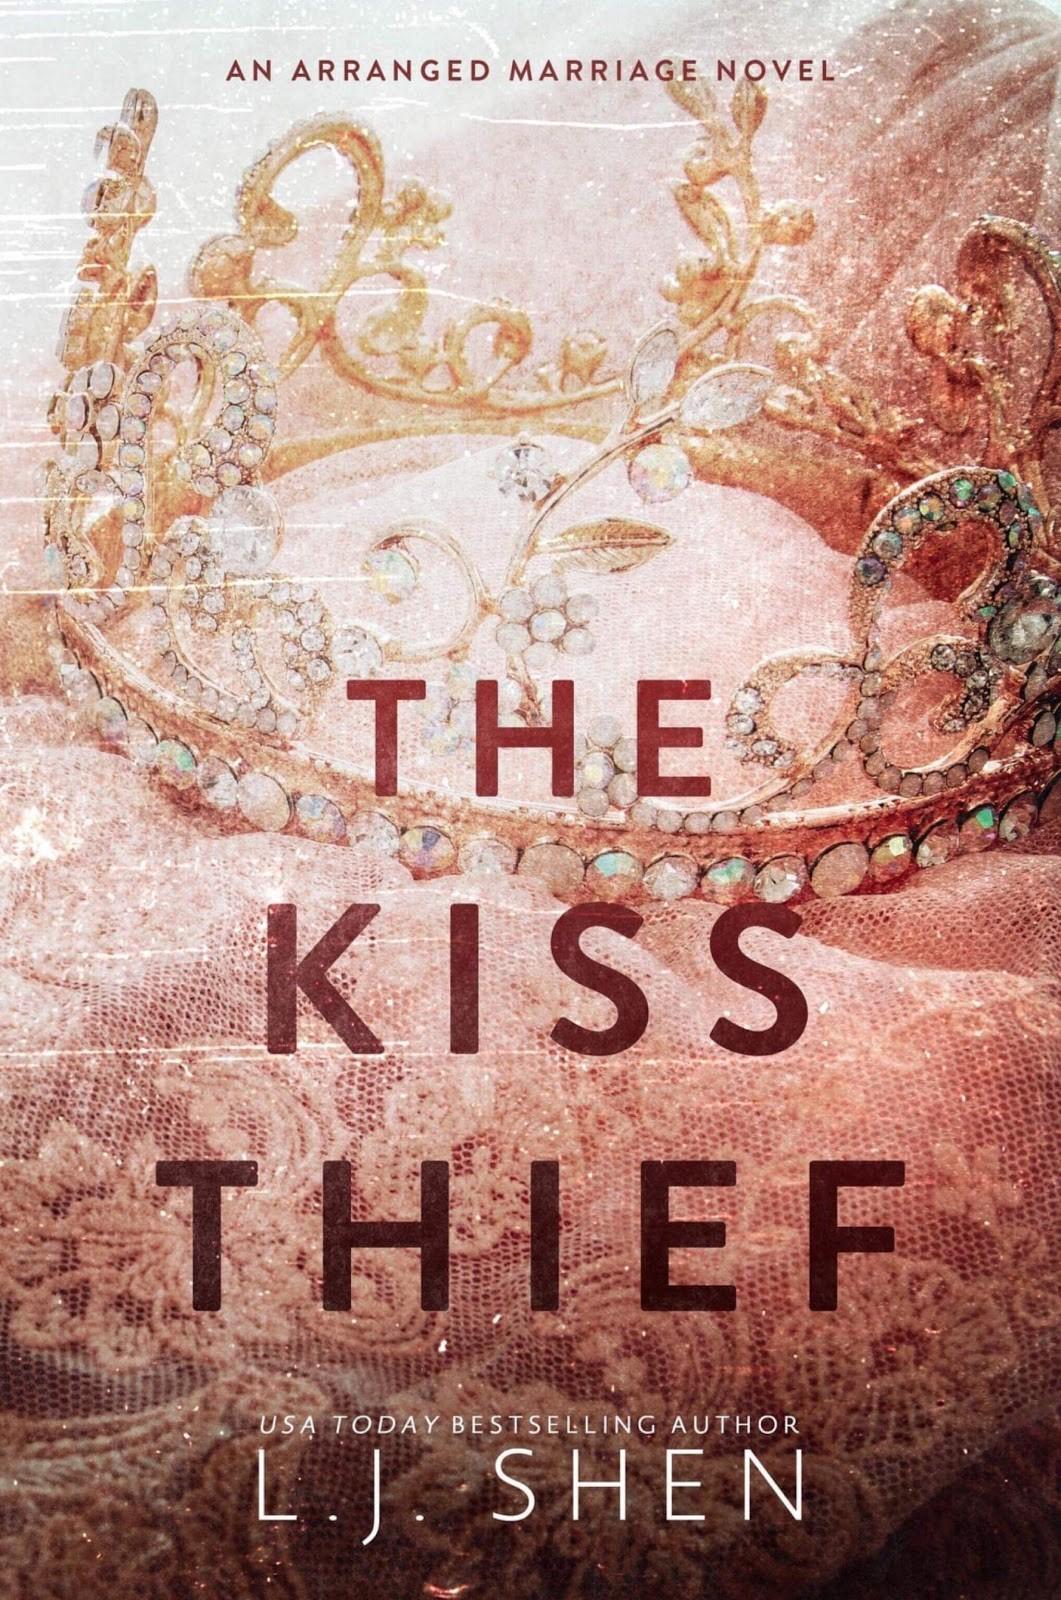 The Kiss Thief by L.J. Shen